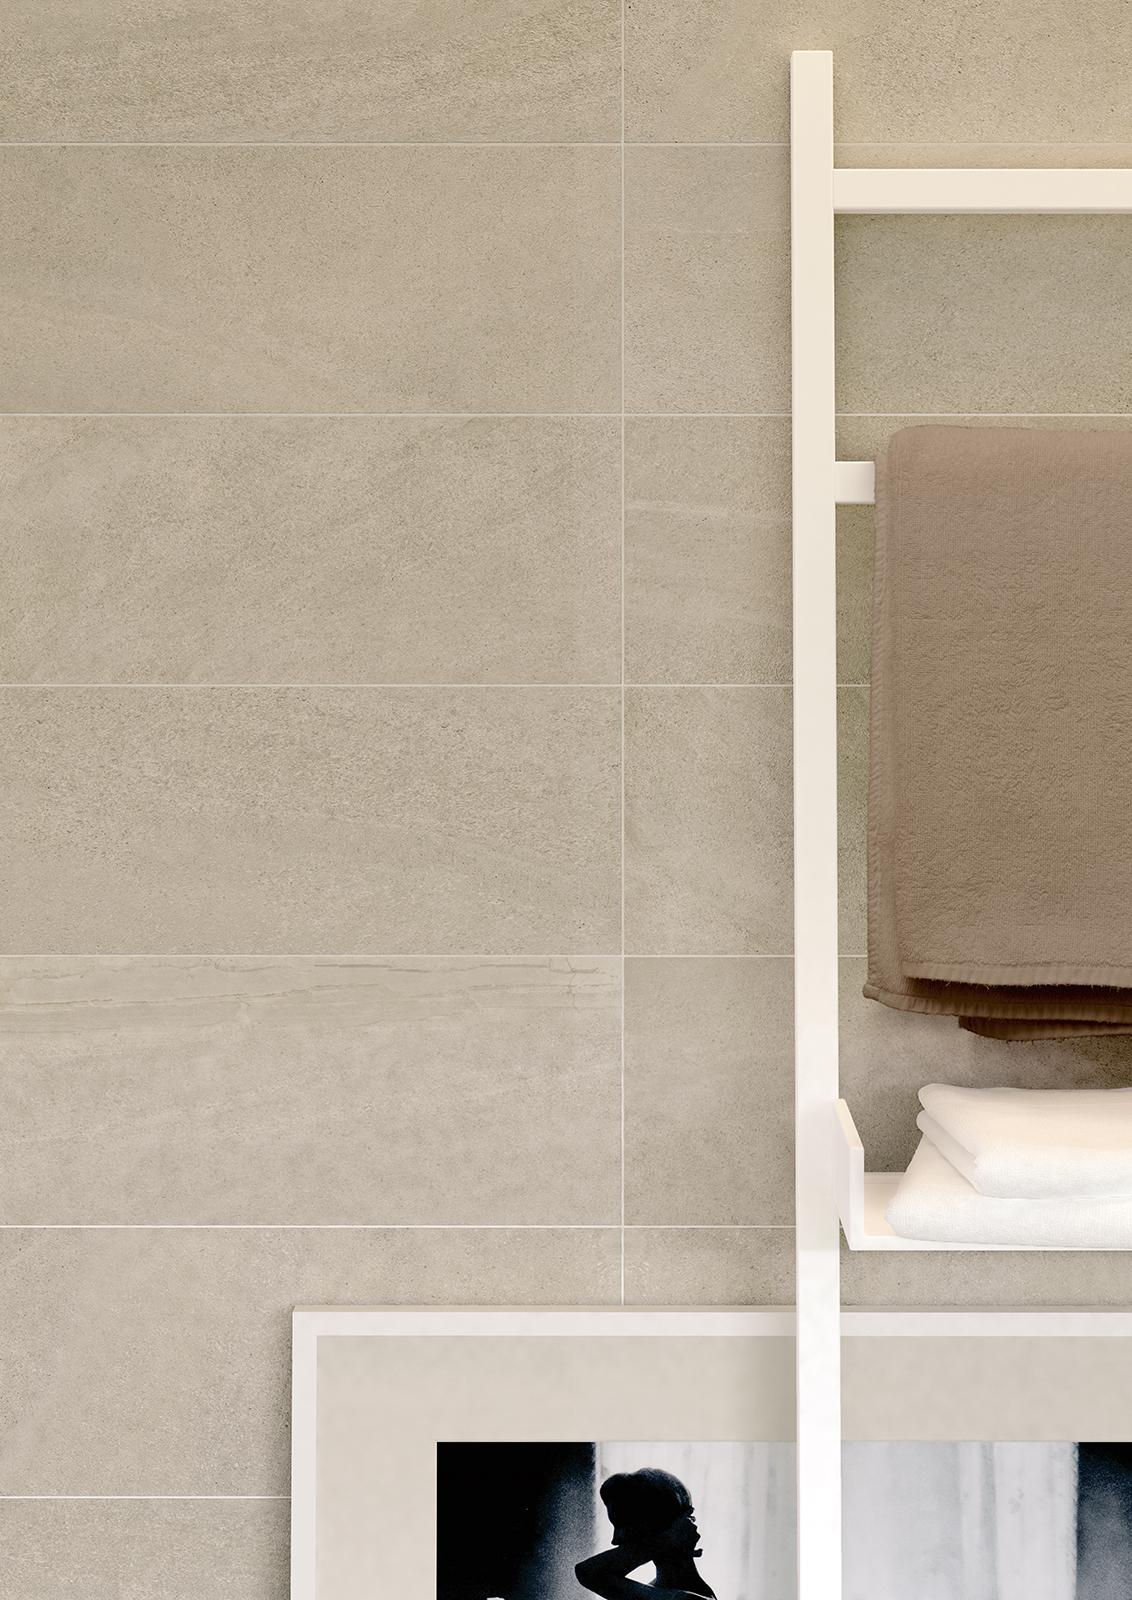 Interiors - Badverkleidung und Küchenverkleidung | Marazzi | {Küchenverkleidung 28}